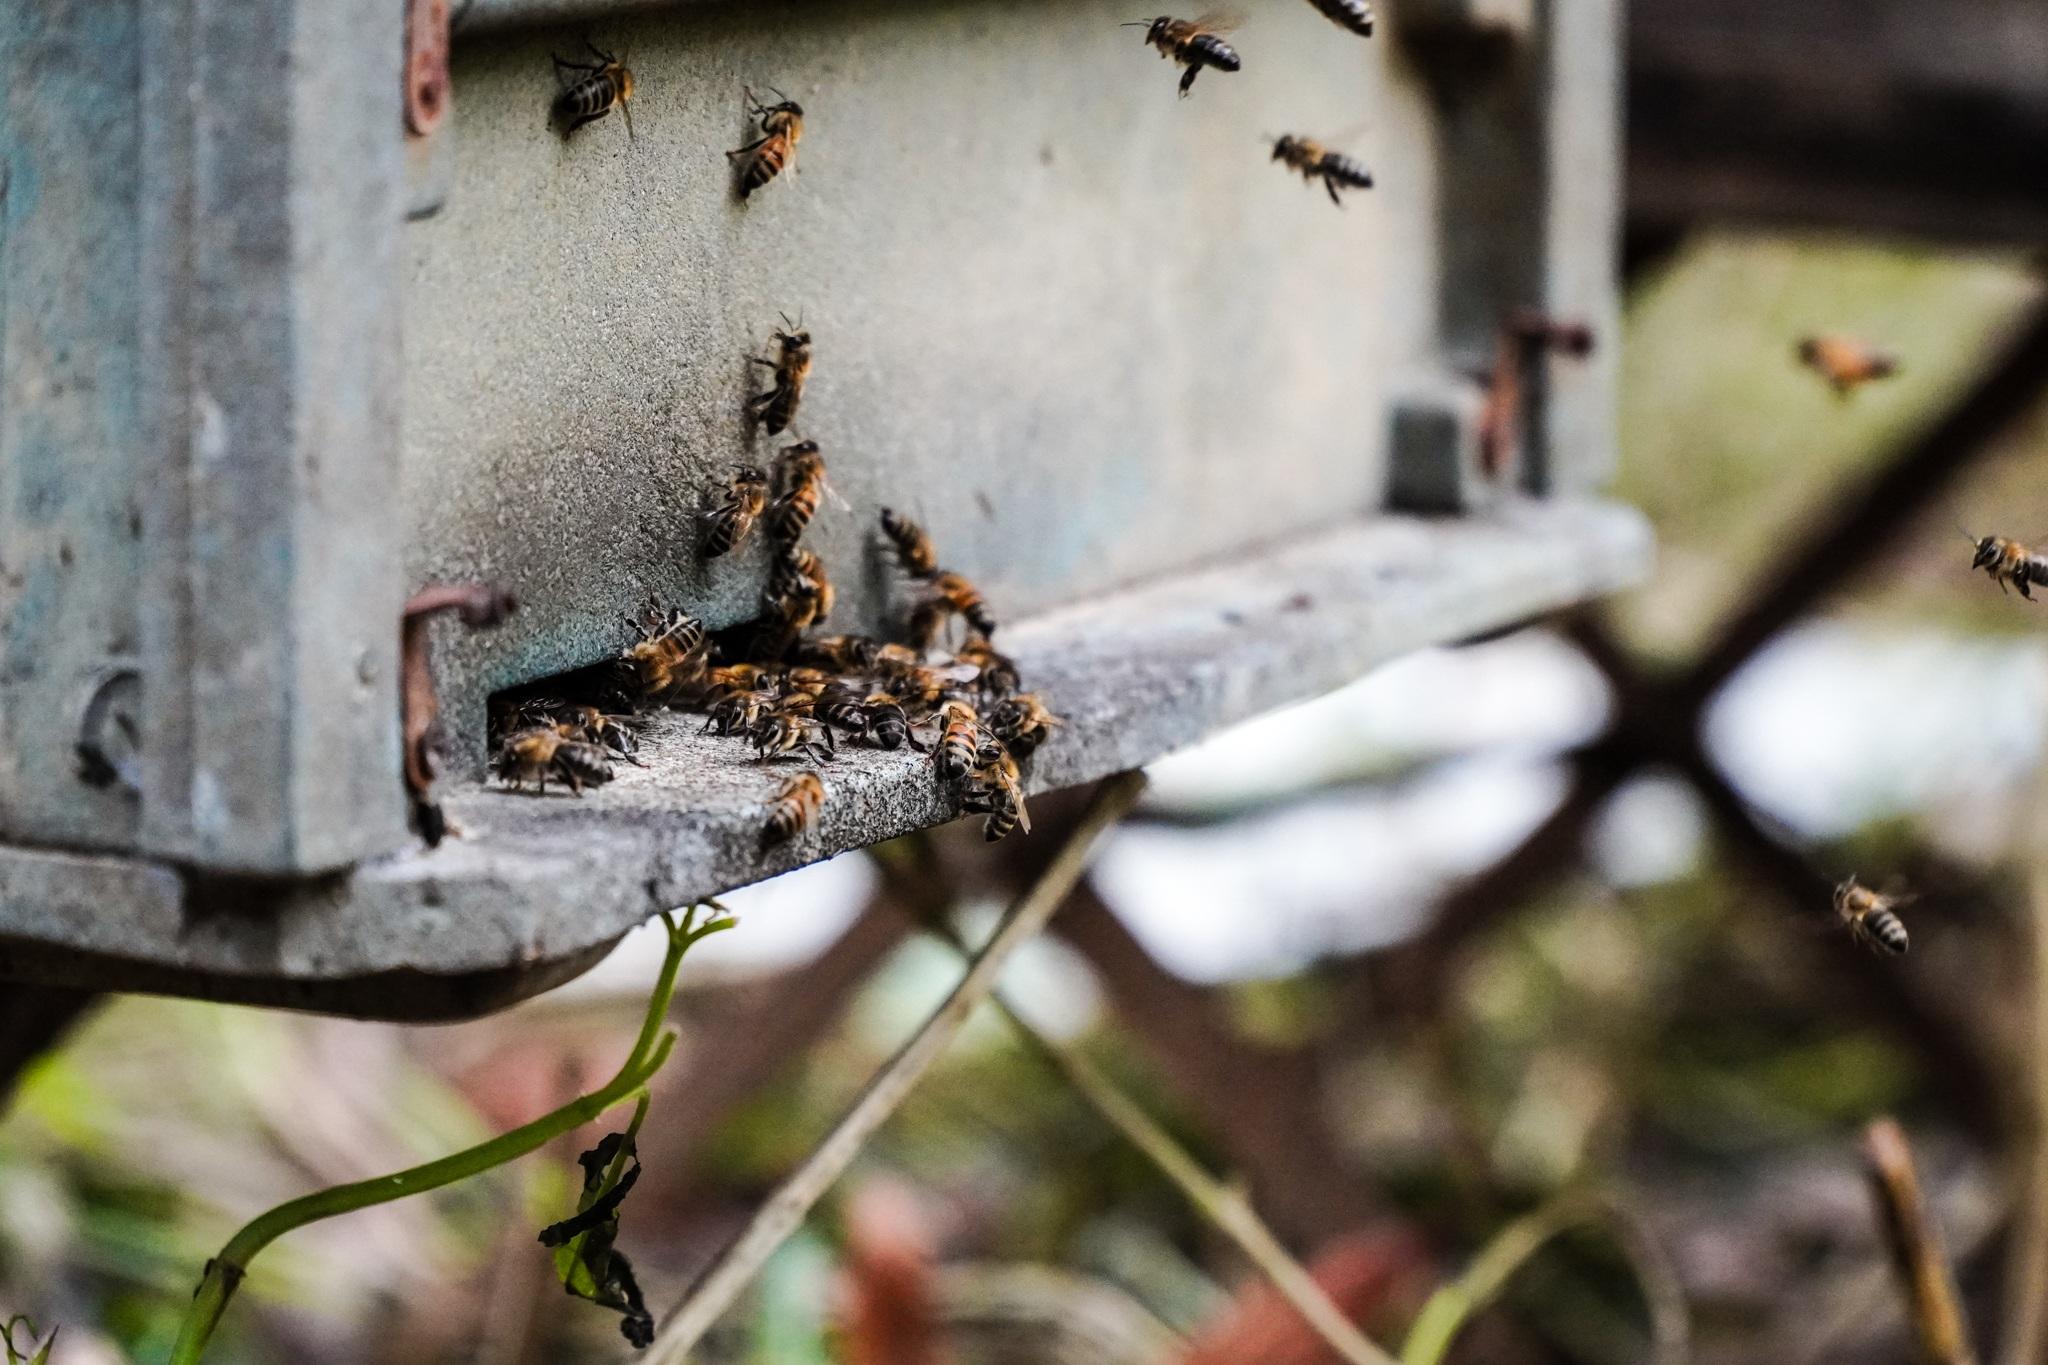 Nỗi khốn khổ của người nuôi ong sau bão lũ - 10